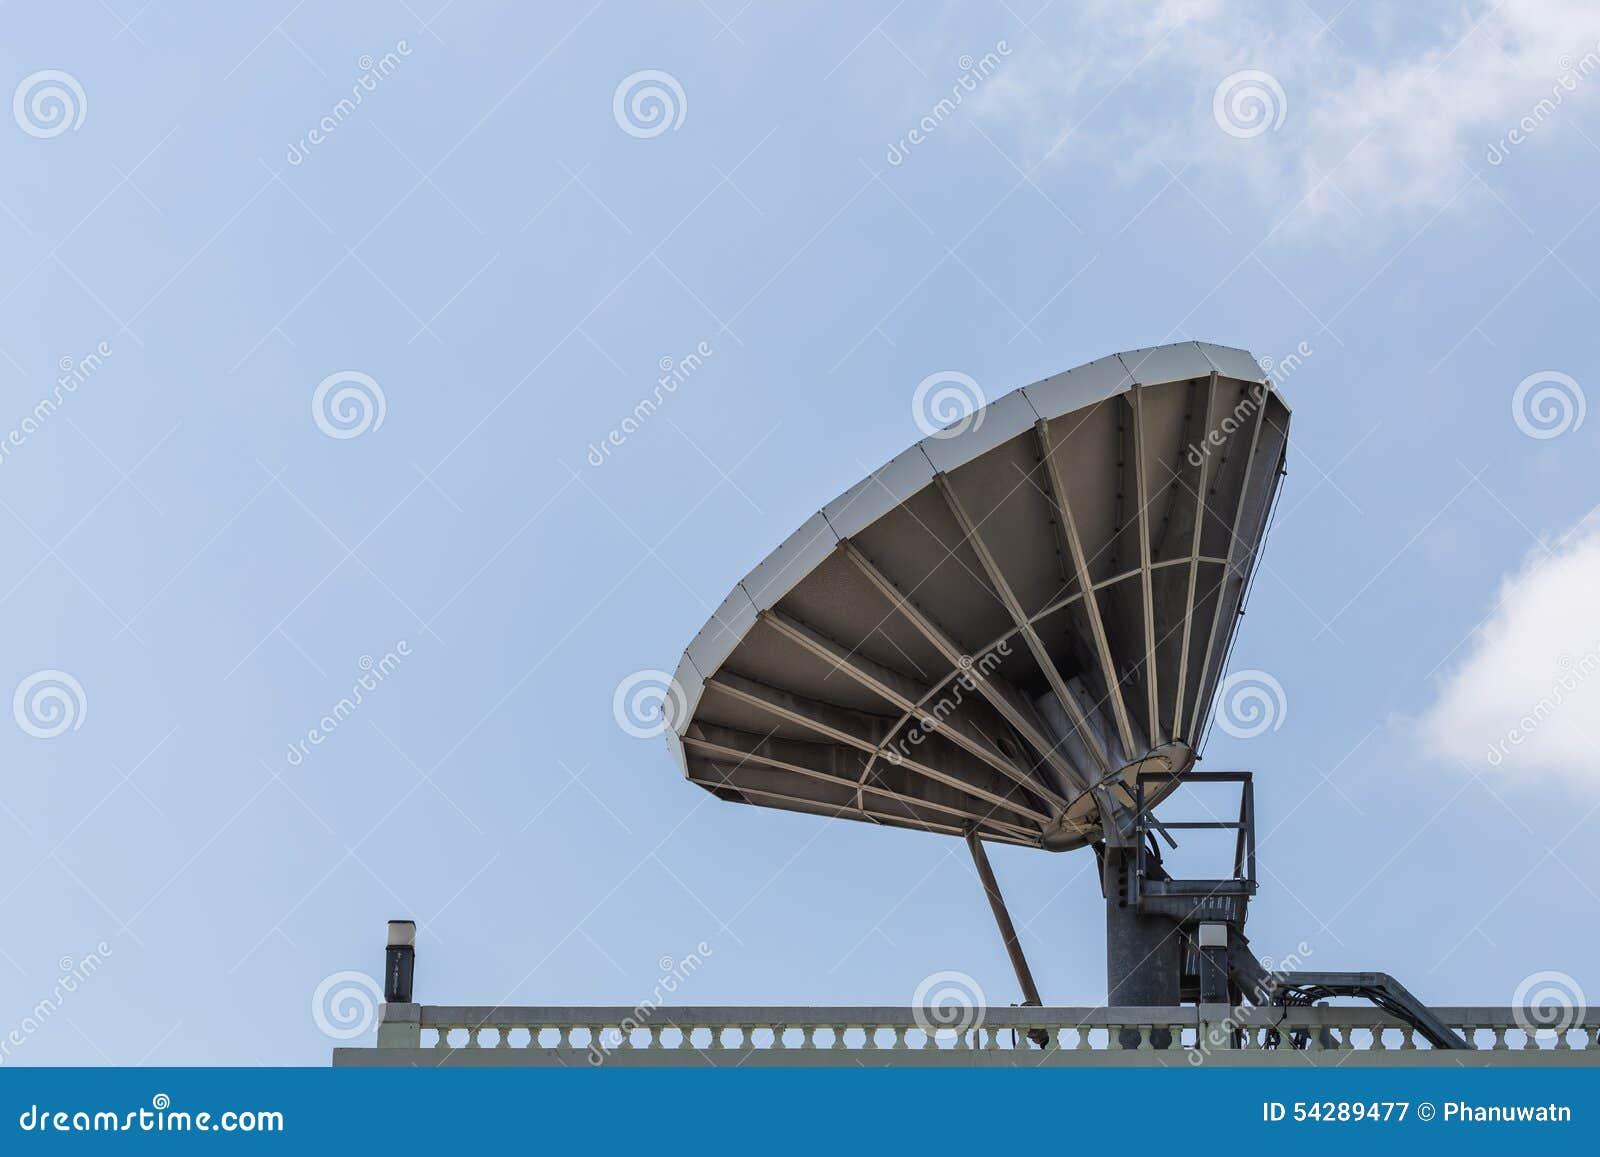 Antena parabólica grande en el tejado